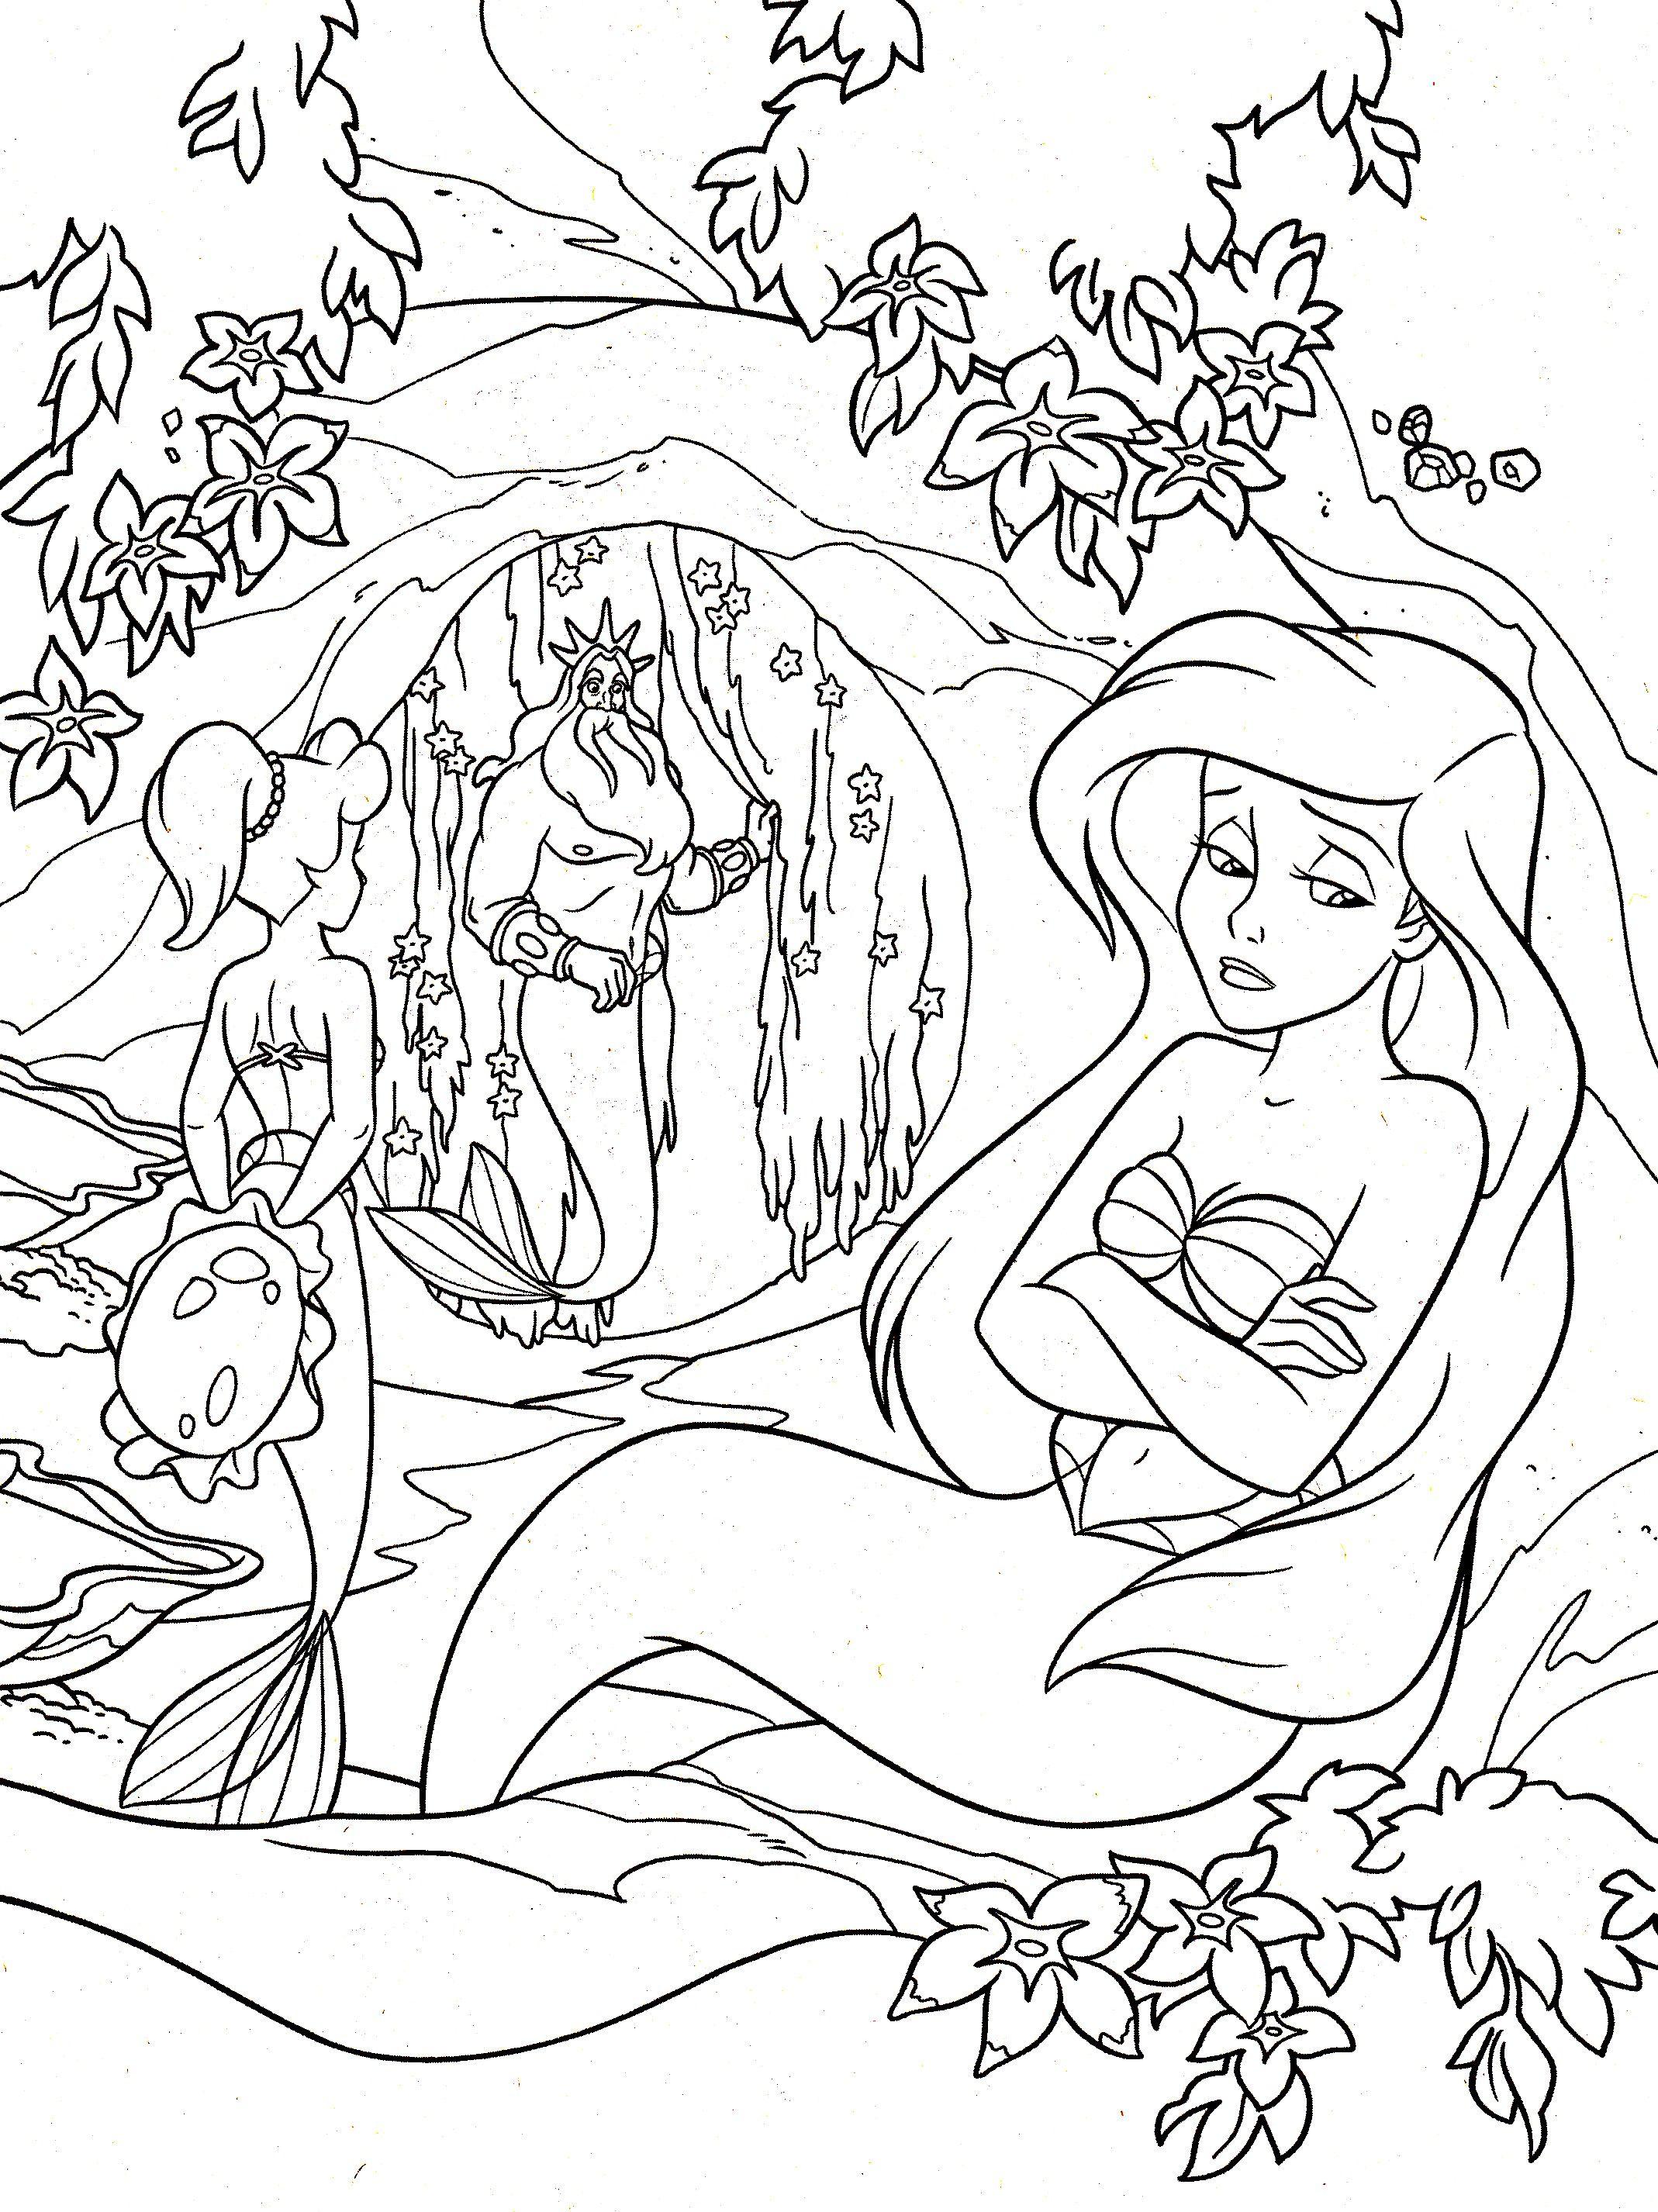 Galerie de coloriages gratuits coloriage-ariel-la-petite-sirene ...